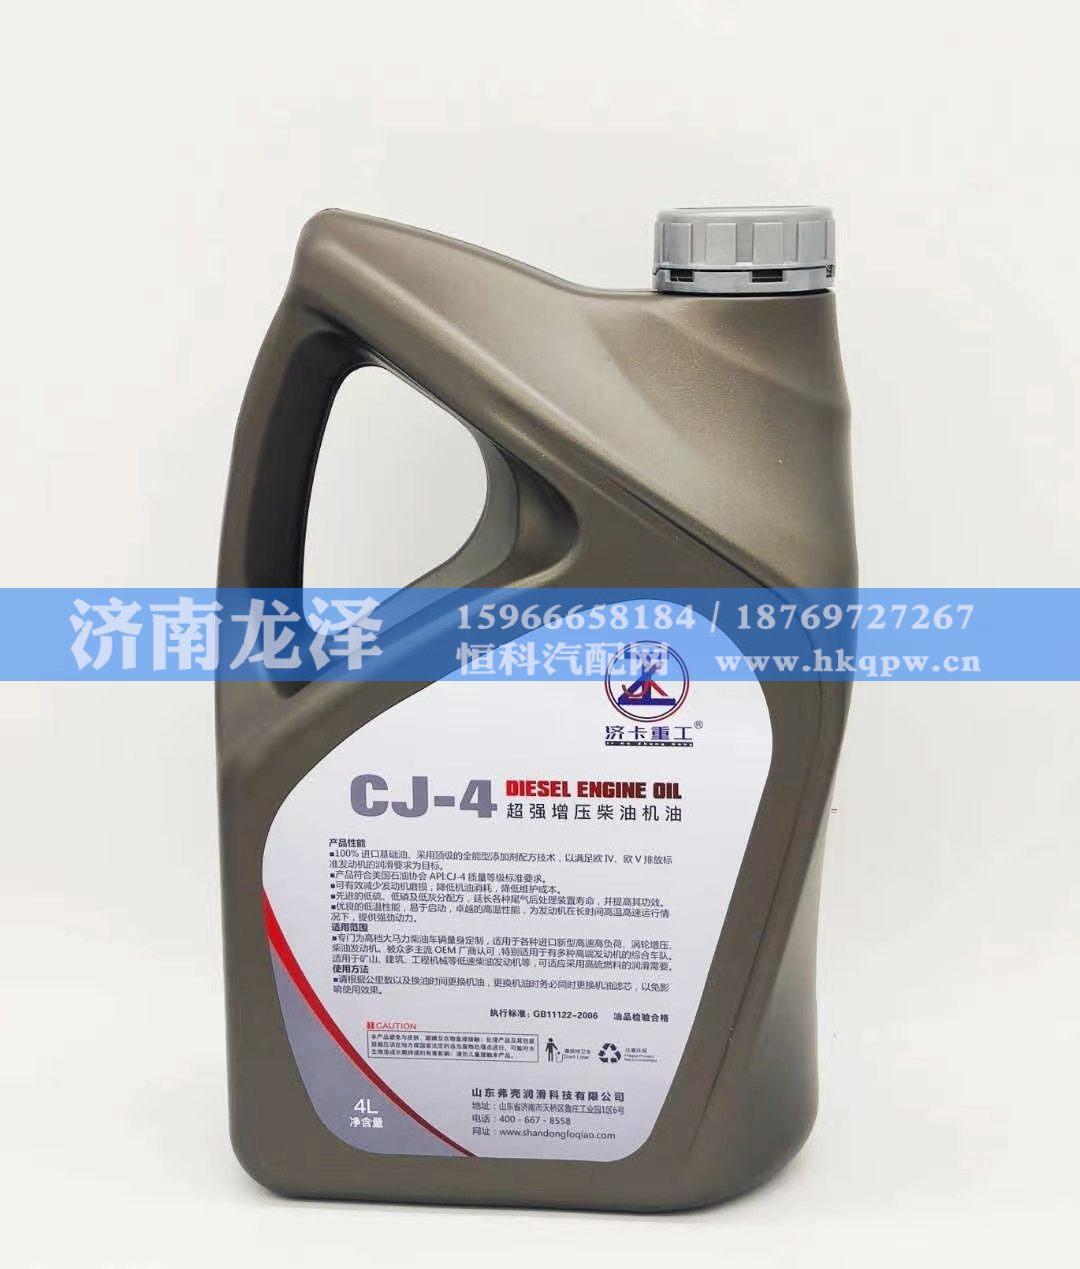 CJ-4超强增压柴油机油/CJ-4